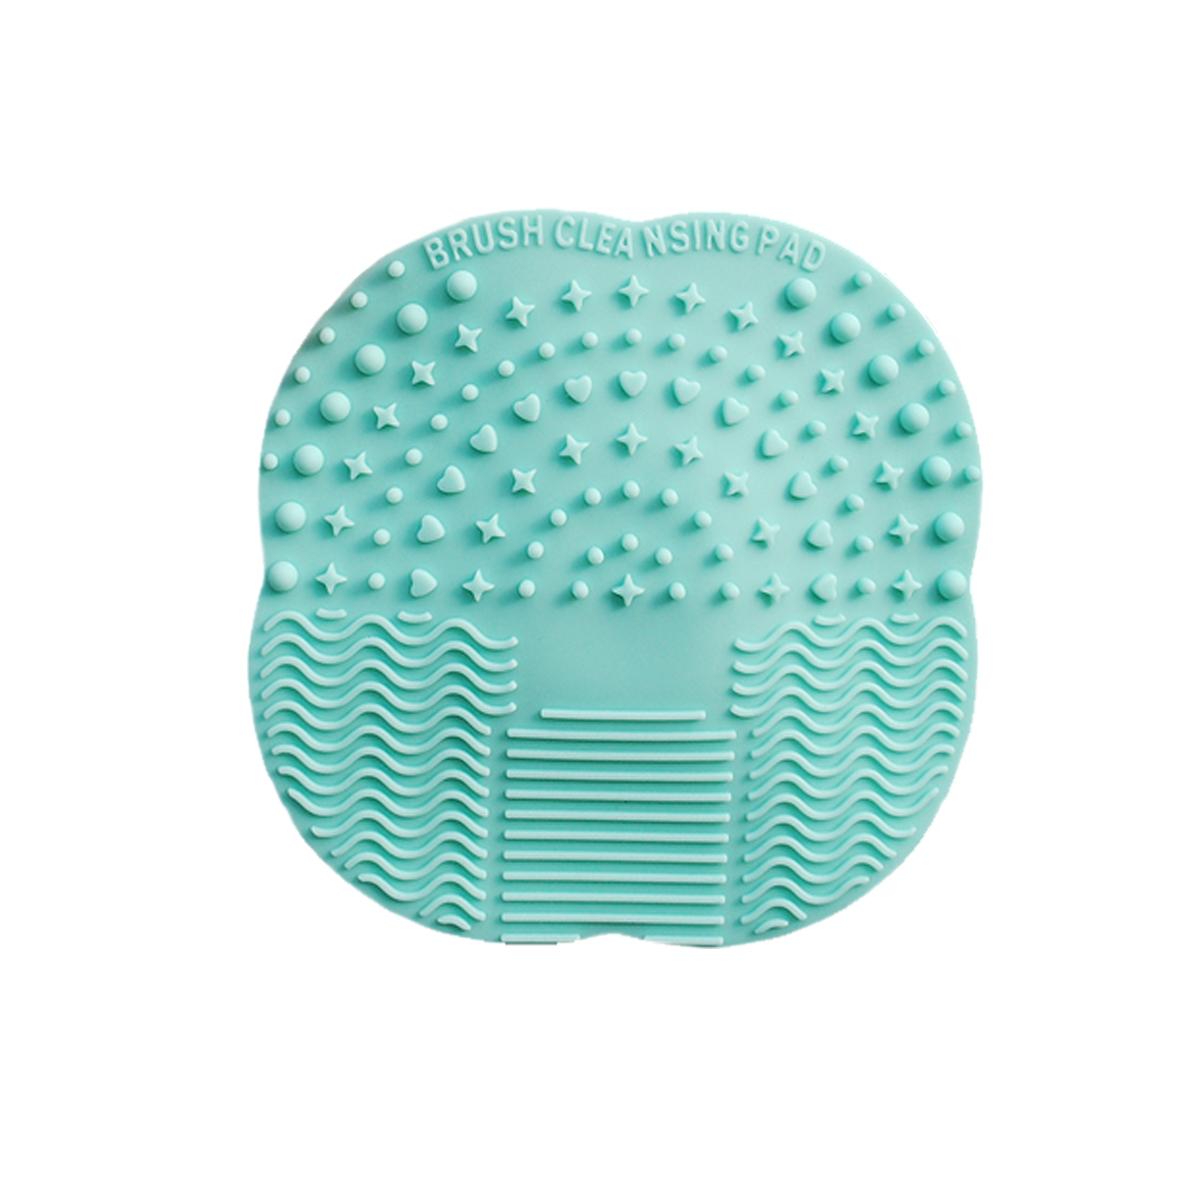 Lakoff Коврик для мытья косметических кистейSM-342016Новое поколение аксессуаров для очищения кистей. Силиконовый коврик для очистки кистей. Специально разработанные рельефные поверхности эффективно удаляют макияж с кистей и снижают расход моющих средств. Поверхность с мелким узором предназначена для очищения маленьких кистей: для губ, для теней. Волнистая поверхность для очищения больших кистей: для пудры, для основы, для румян